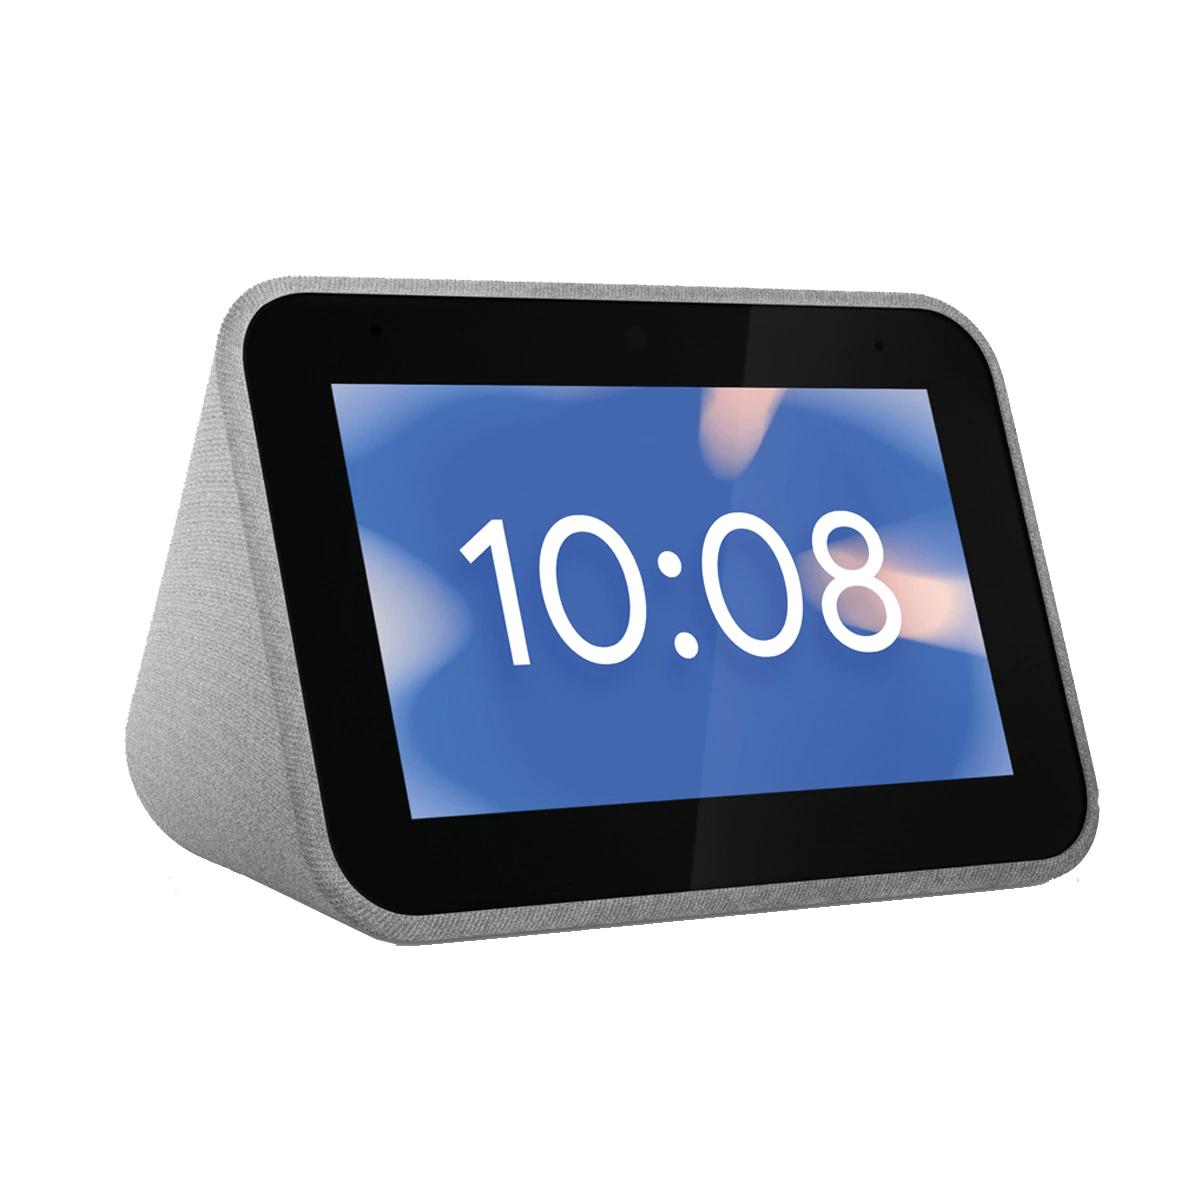 Pantalla inteligente Lenovo Smart Clock Gris con Asistente de Google